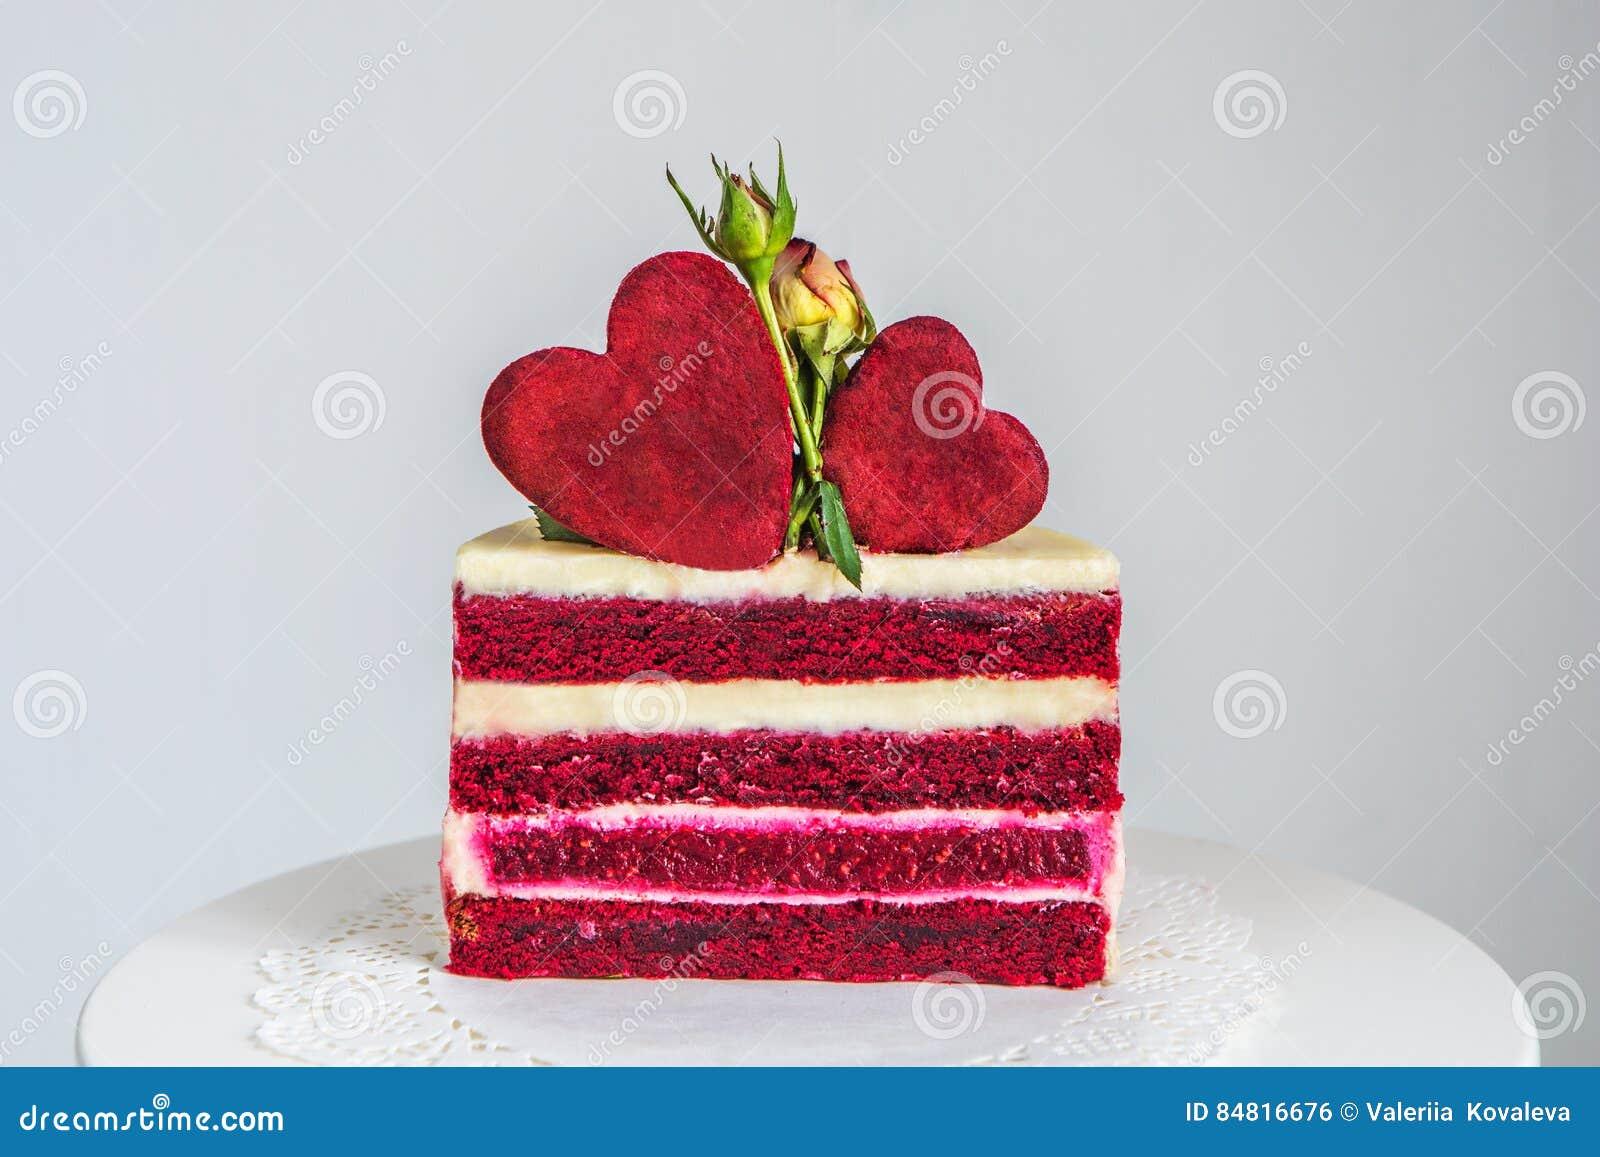 Schneiden Sie Einen Kleinen Rot Und Weissen Kuchen Verziert Mit